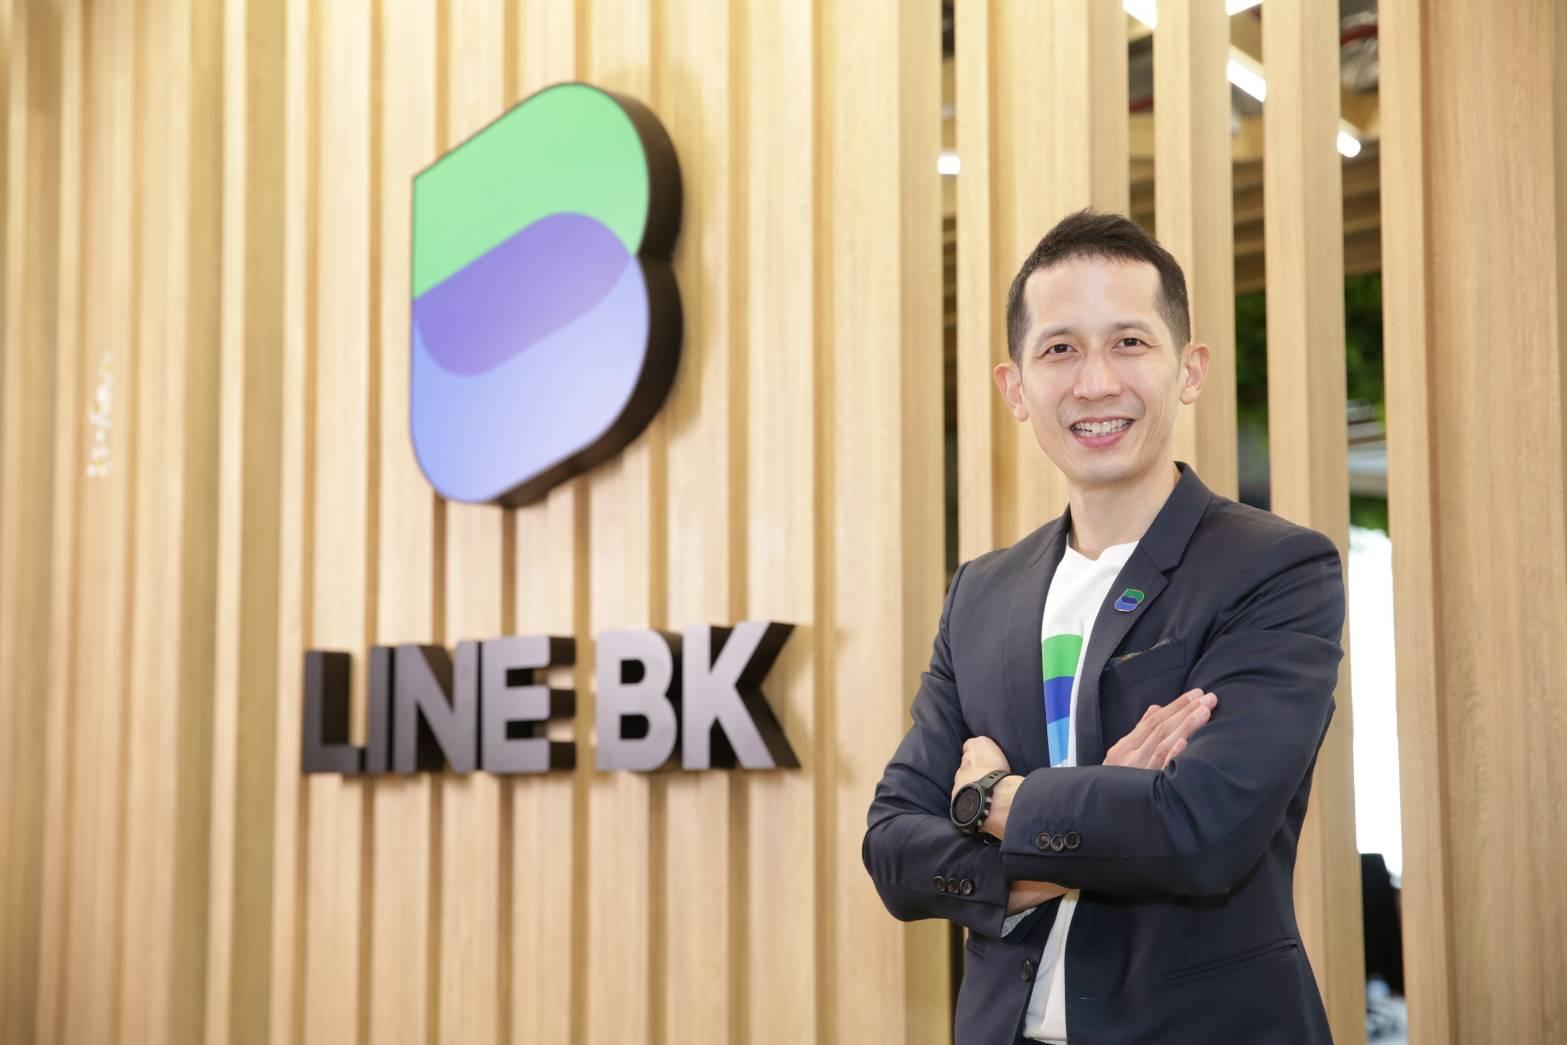 คุณธนา โพธิกำจร ประธานเจ้าหน้าที่บริหาร บริษัท กสิกร ไลน์ จำกัด ผู้บริหาร LINE BK